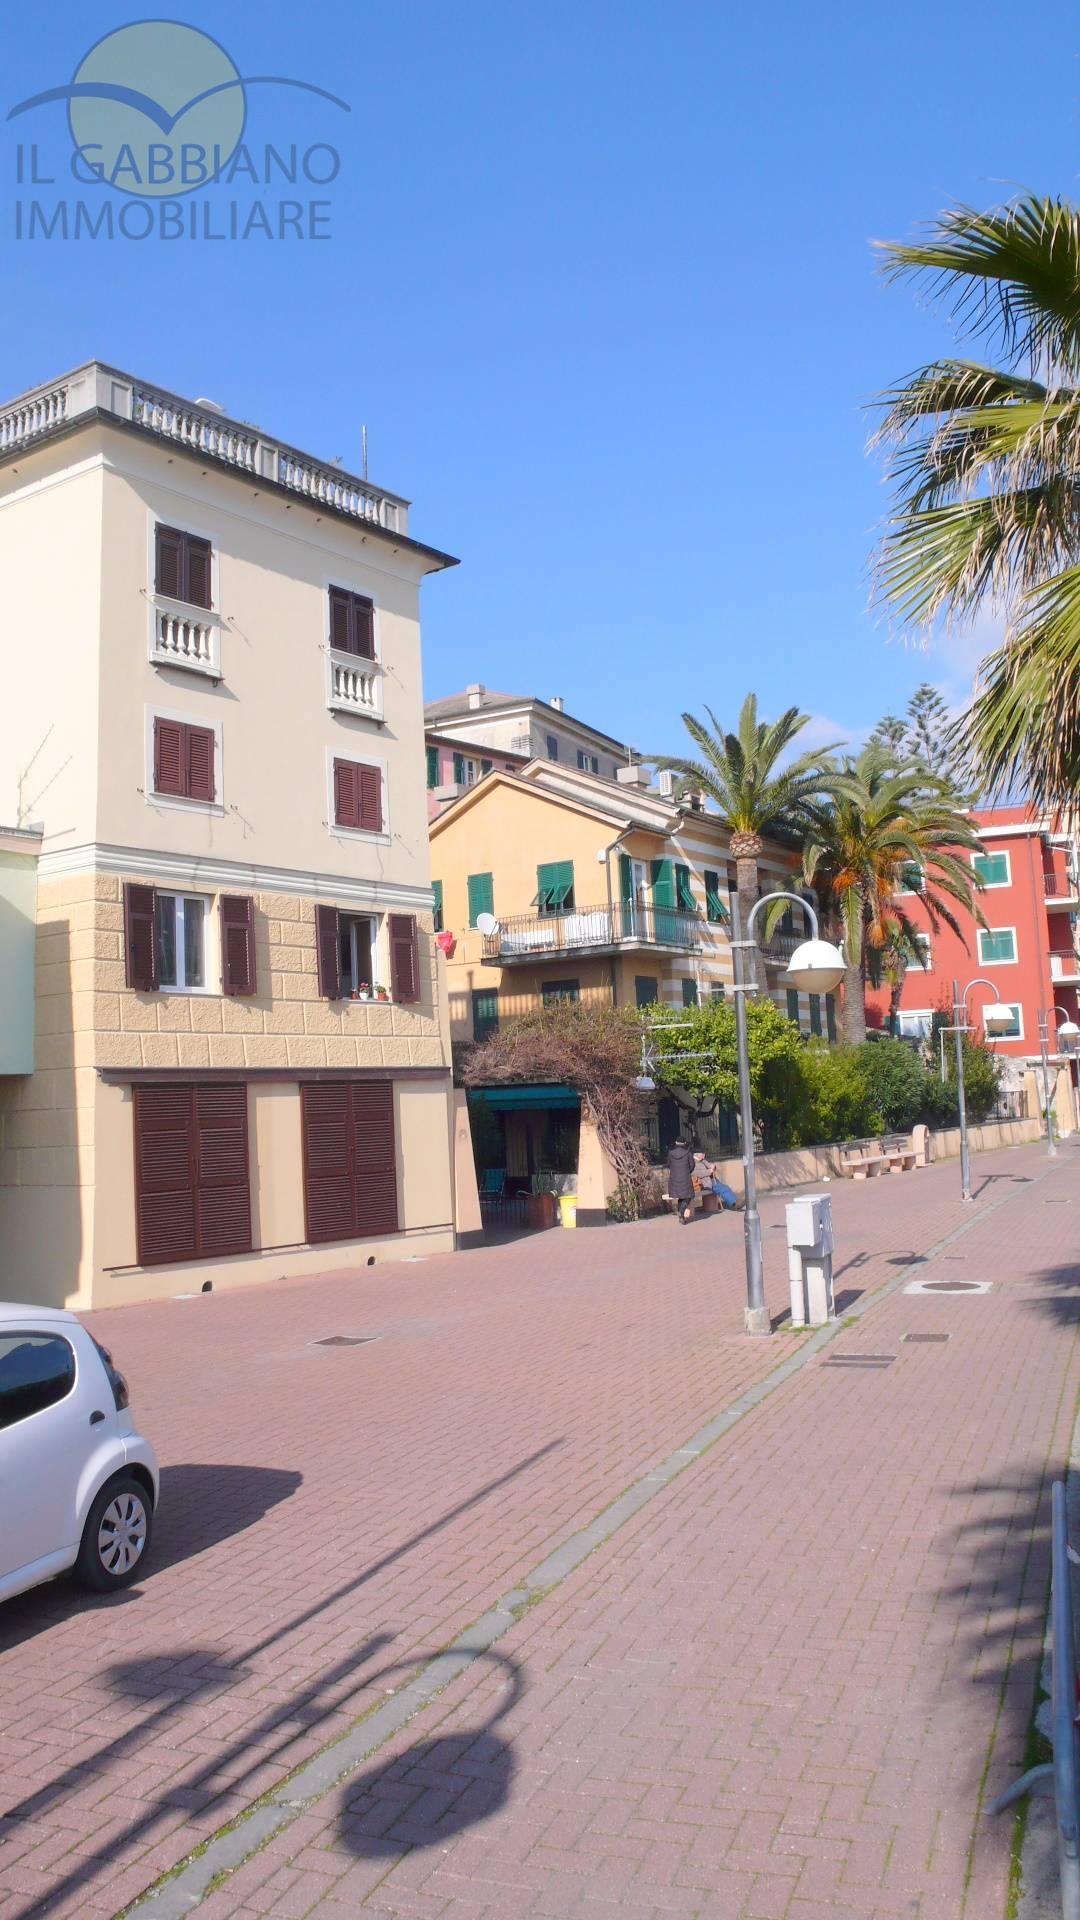 Appartamento in affitto a Recco, 3 locali, zona Località: lungomare, prezzo € 500 | CambioCasa.it